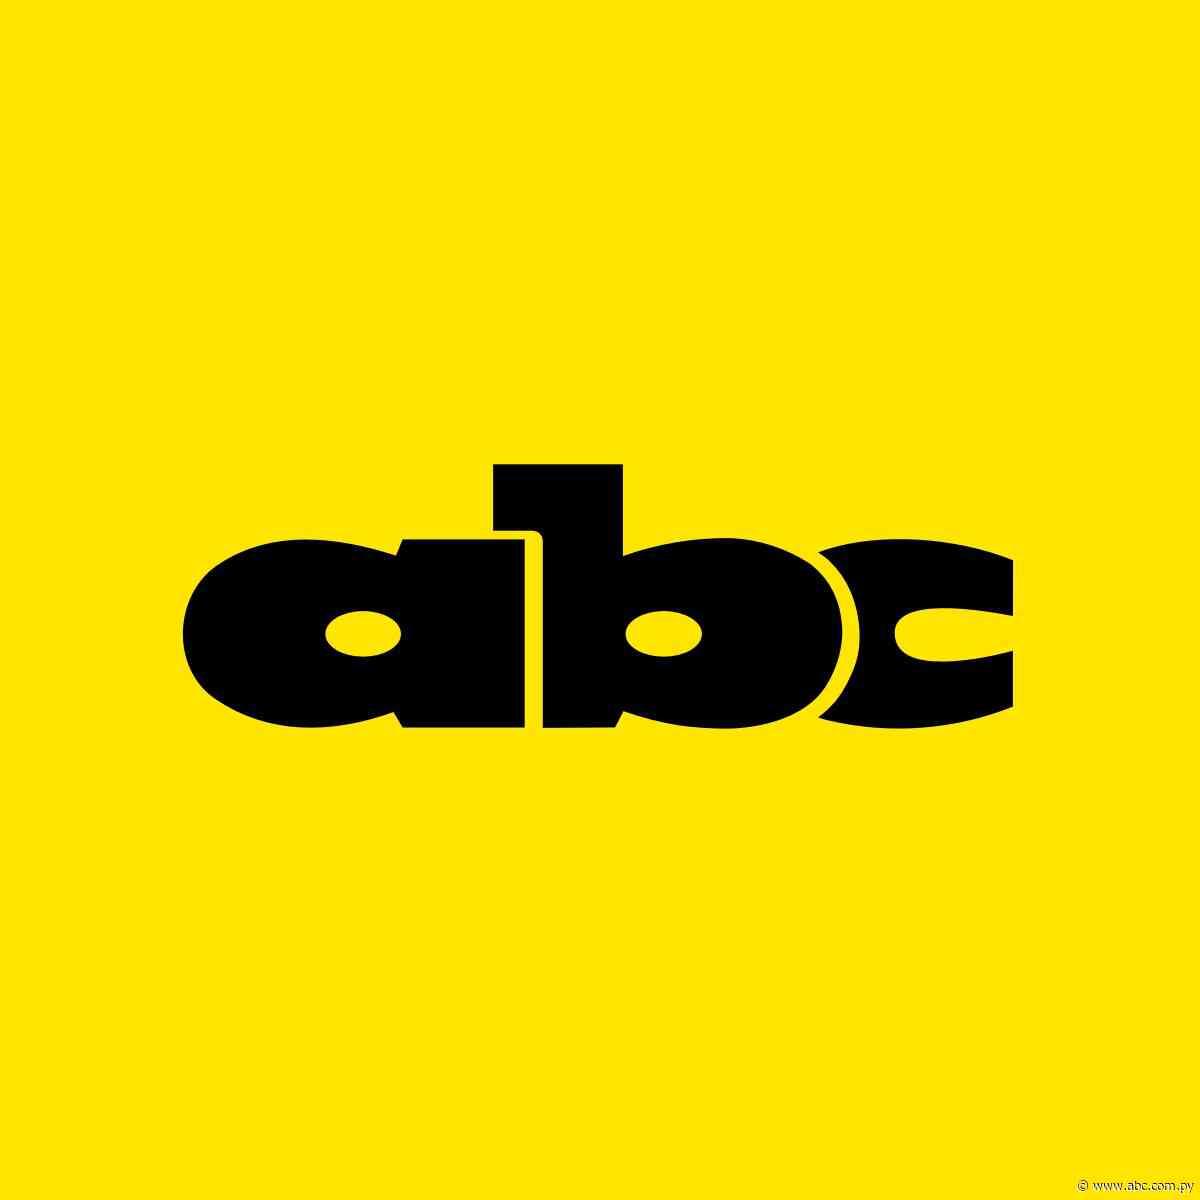 Yuty tendrá un centro de distribución - Nacionales - ABC Color